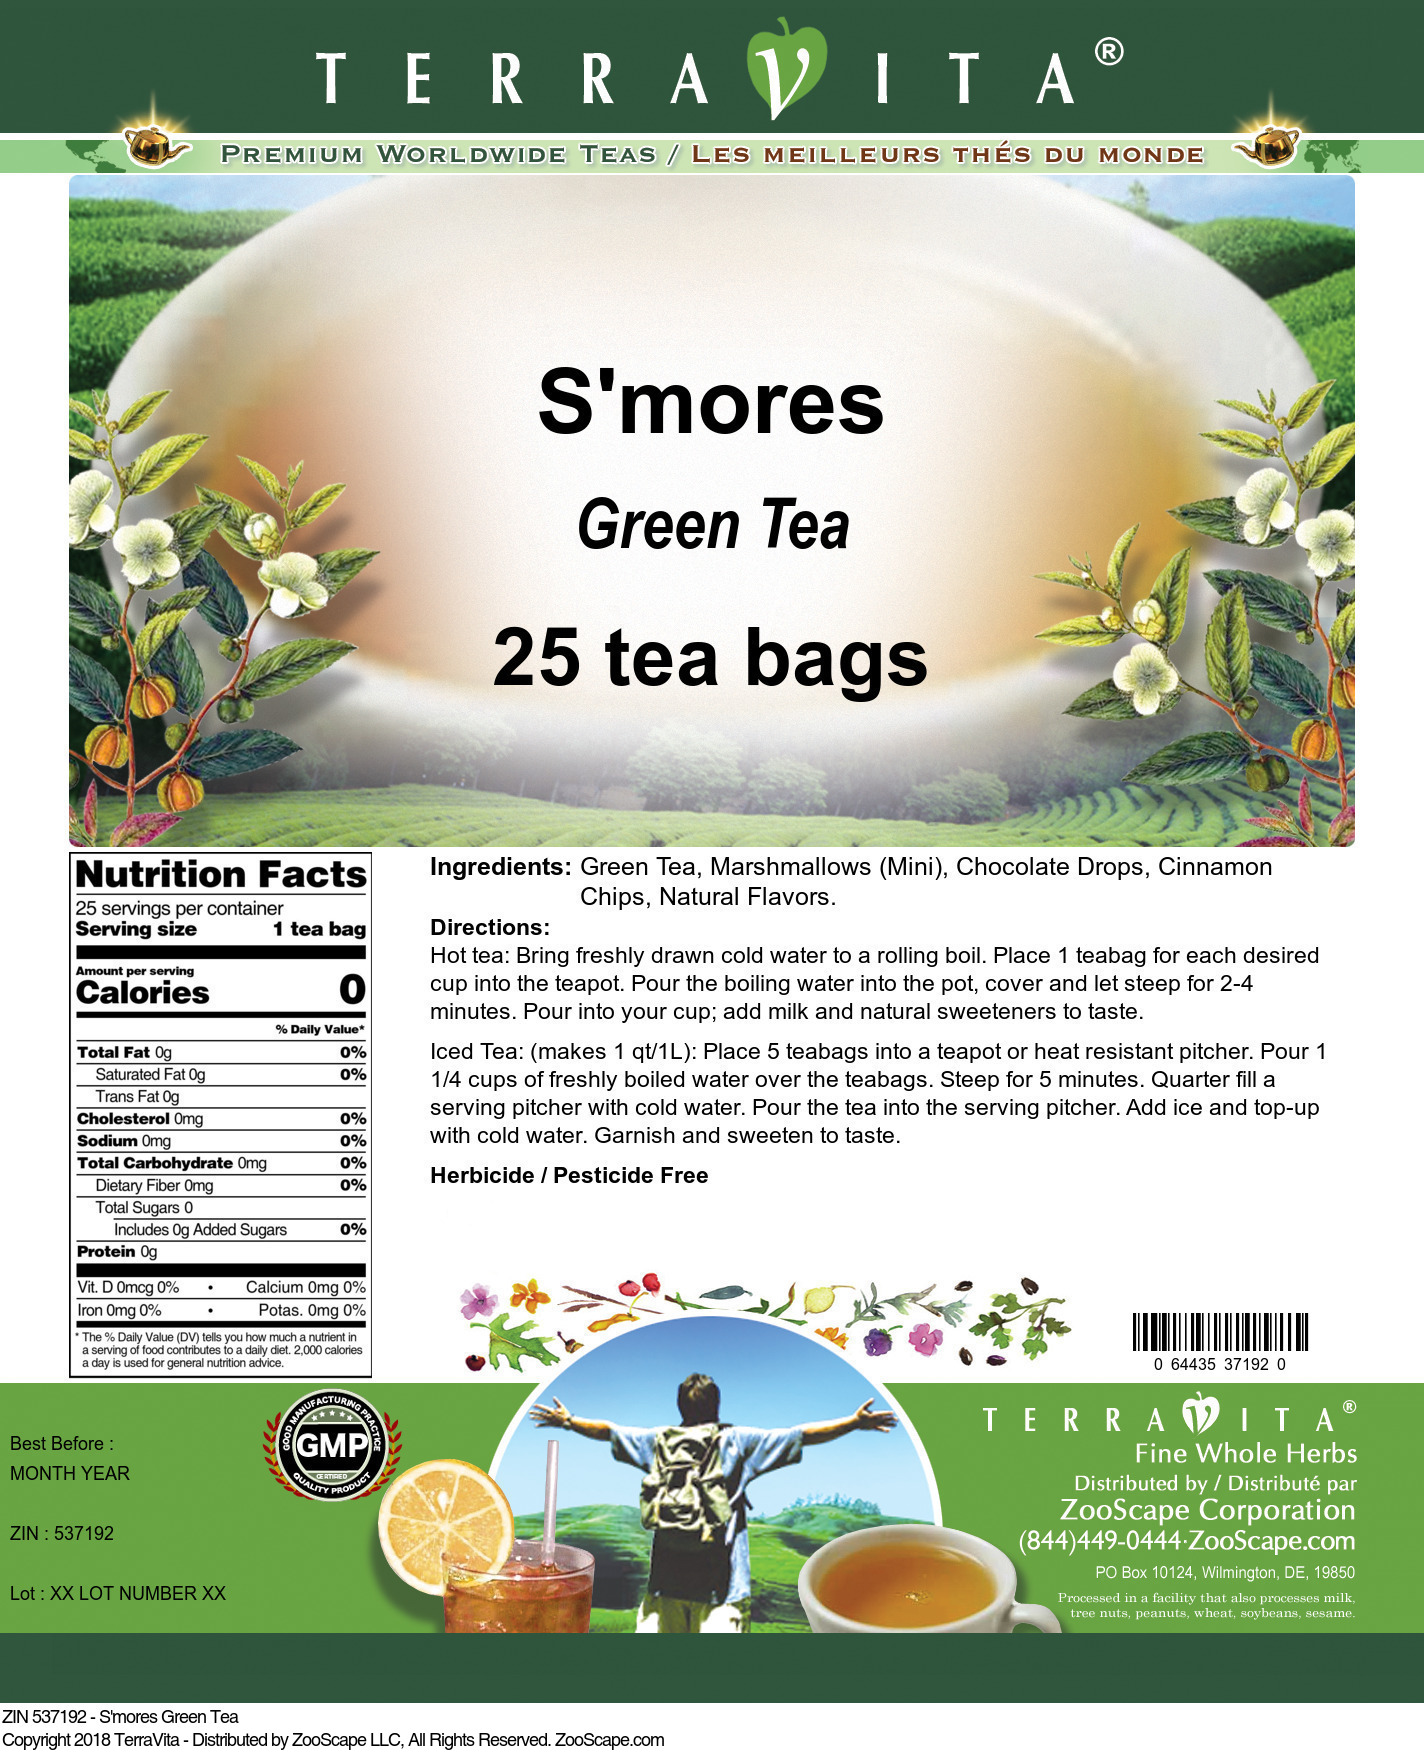 S'mores Green Tea